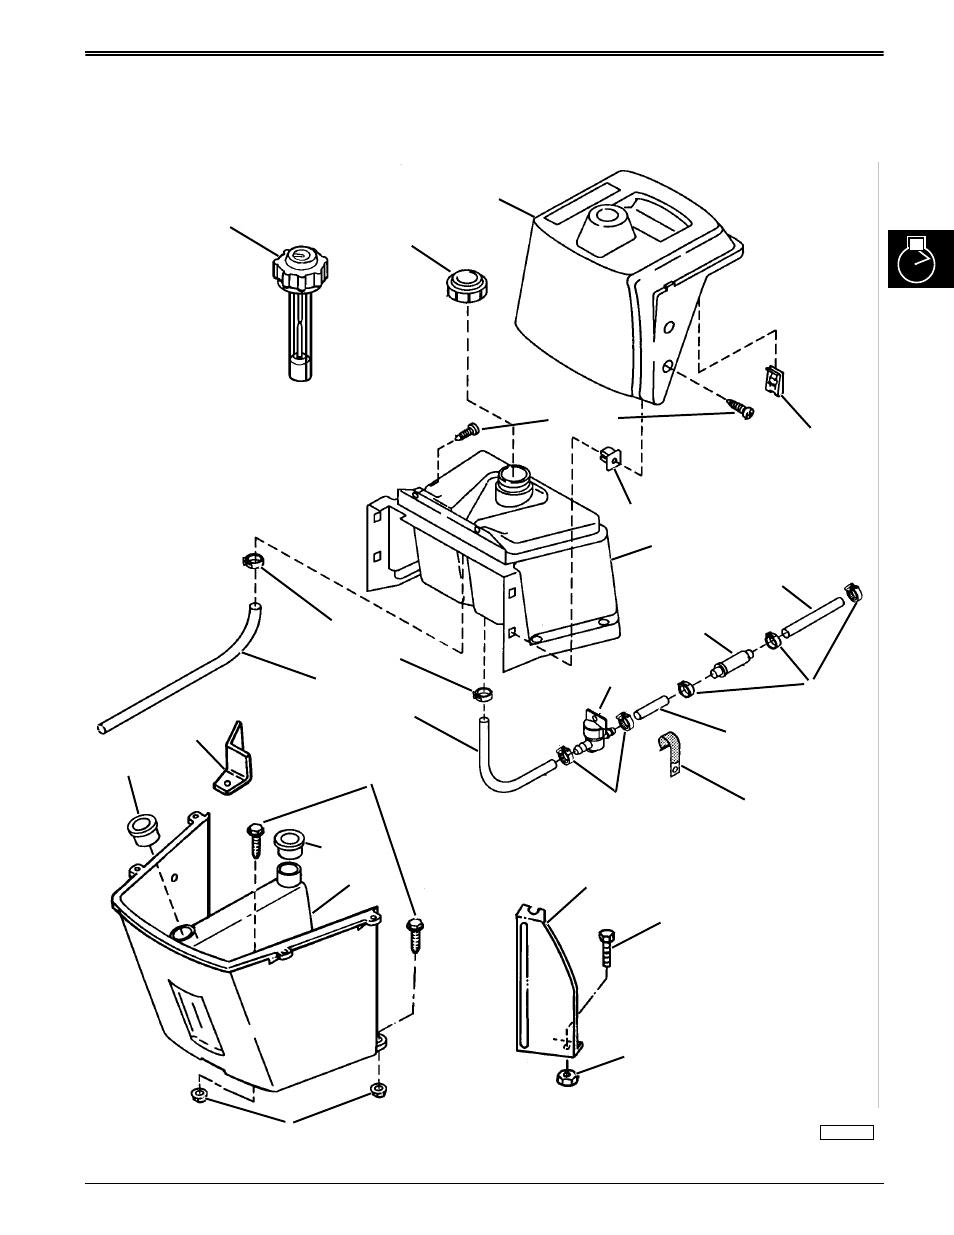 deck for stx38 wiring diagram